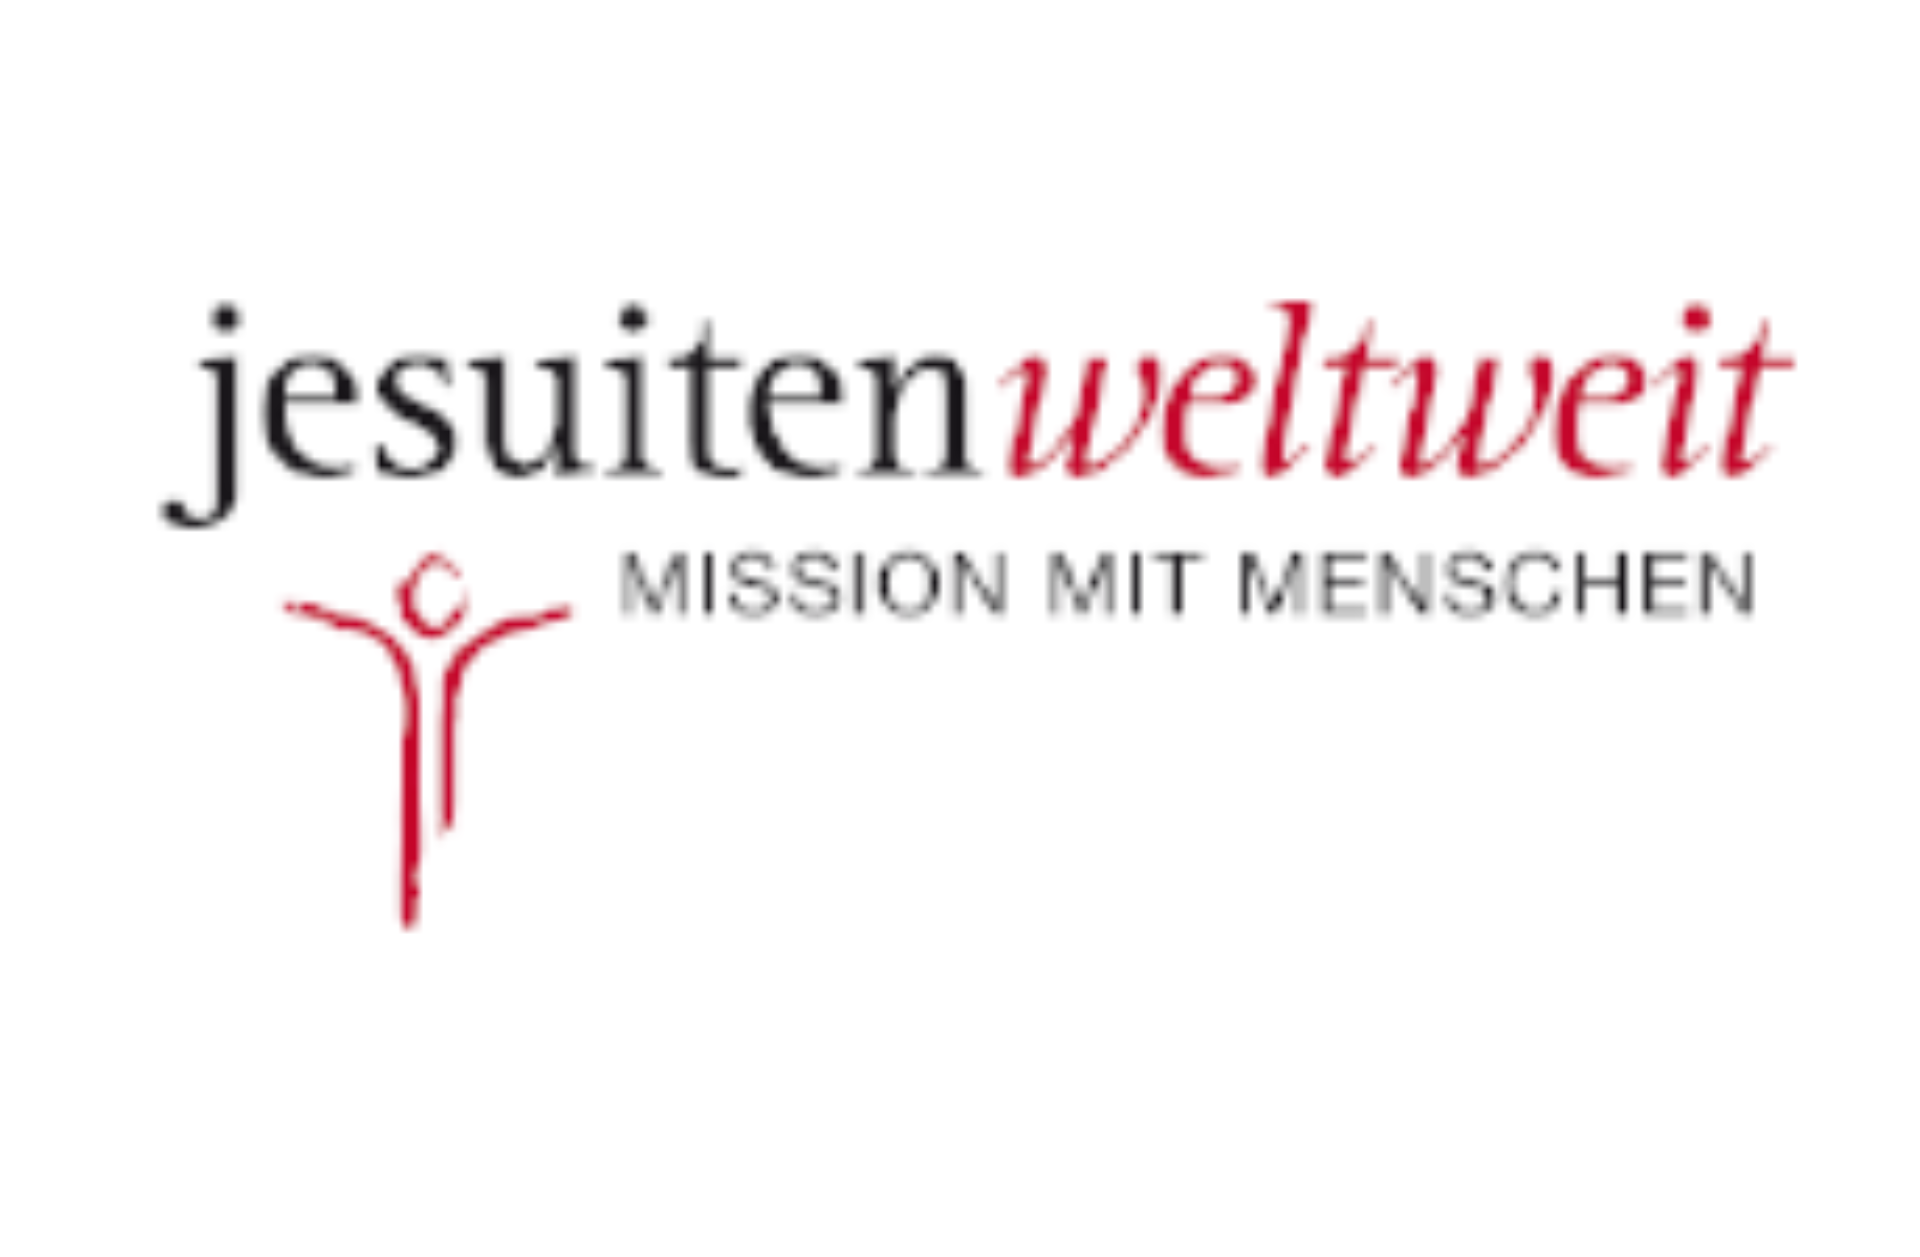 Jesuiten weltweit